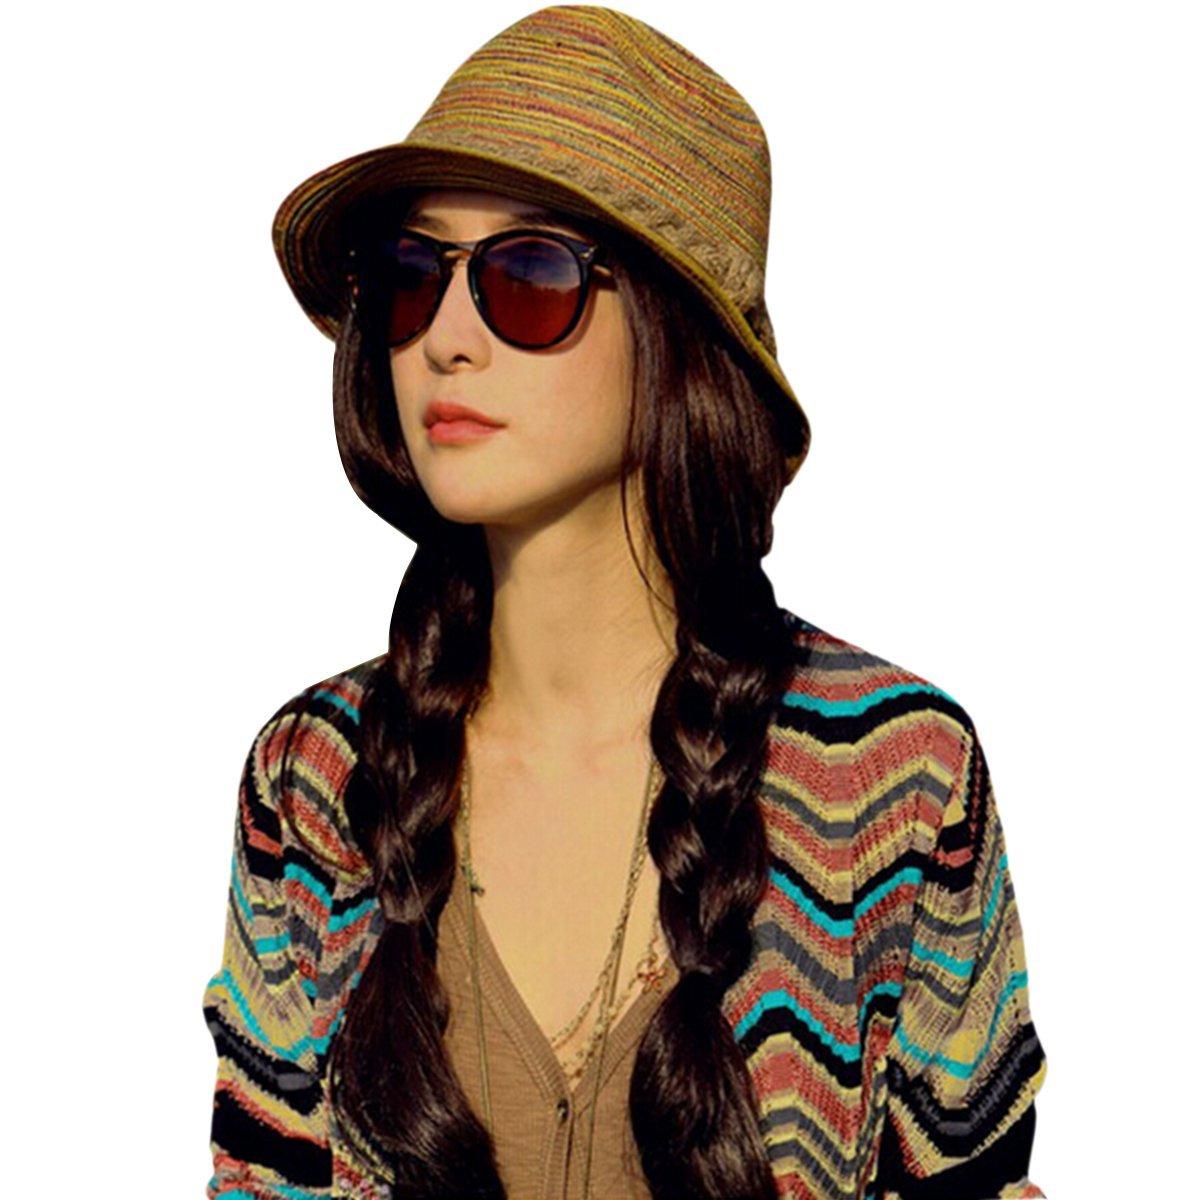 Bucket Hat for Ladies Women Girls ZUMUii Butterme Colourful Striped Straw Homburg Hat Short Brim Cap Sun Hat Beach Hat Bucket Hat Straw Hat Summer Sun Hat